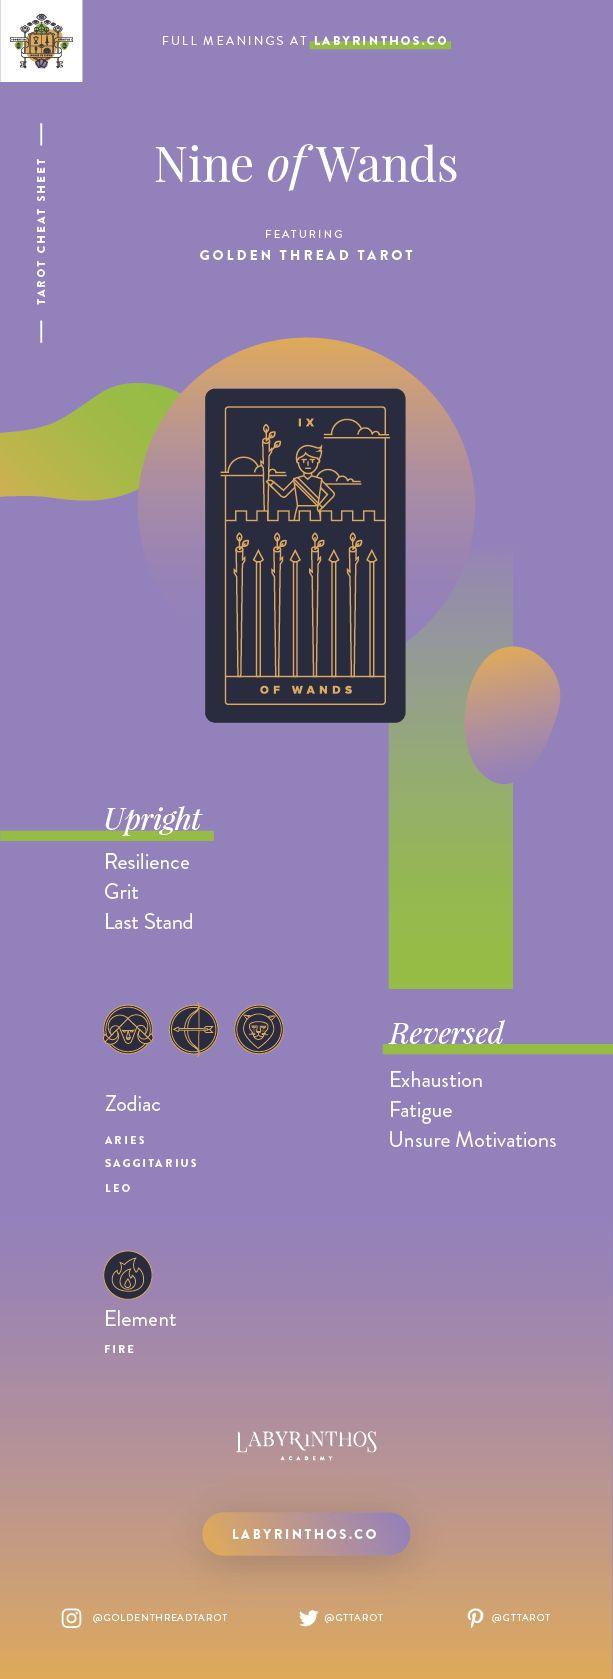 Nine of Wands Meaning - Tarot Card Meanings Cheat Sheet. Art from Golden Thread Tarot.